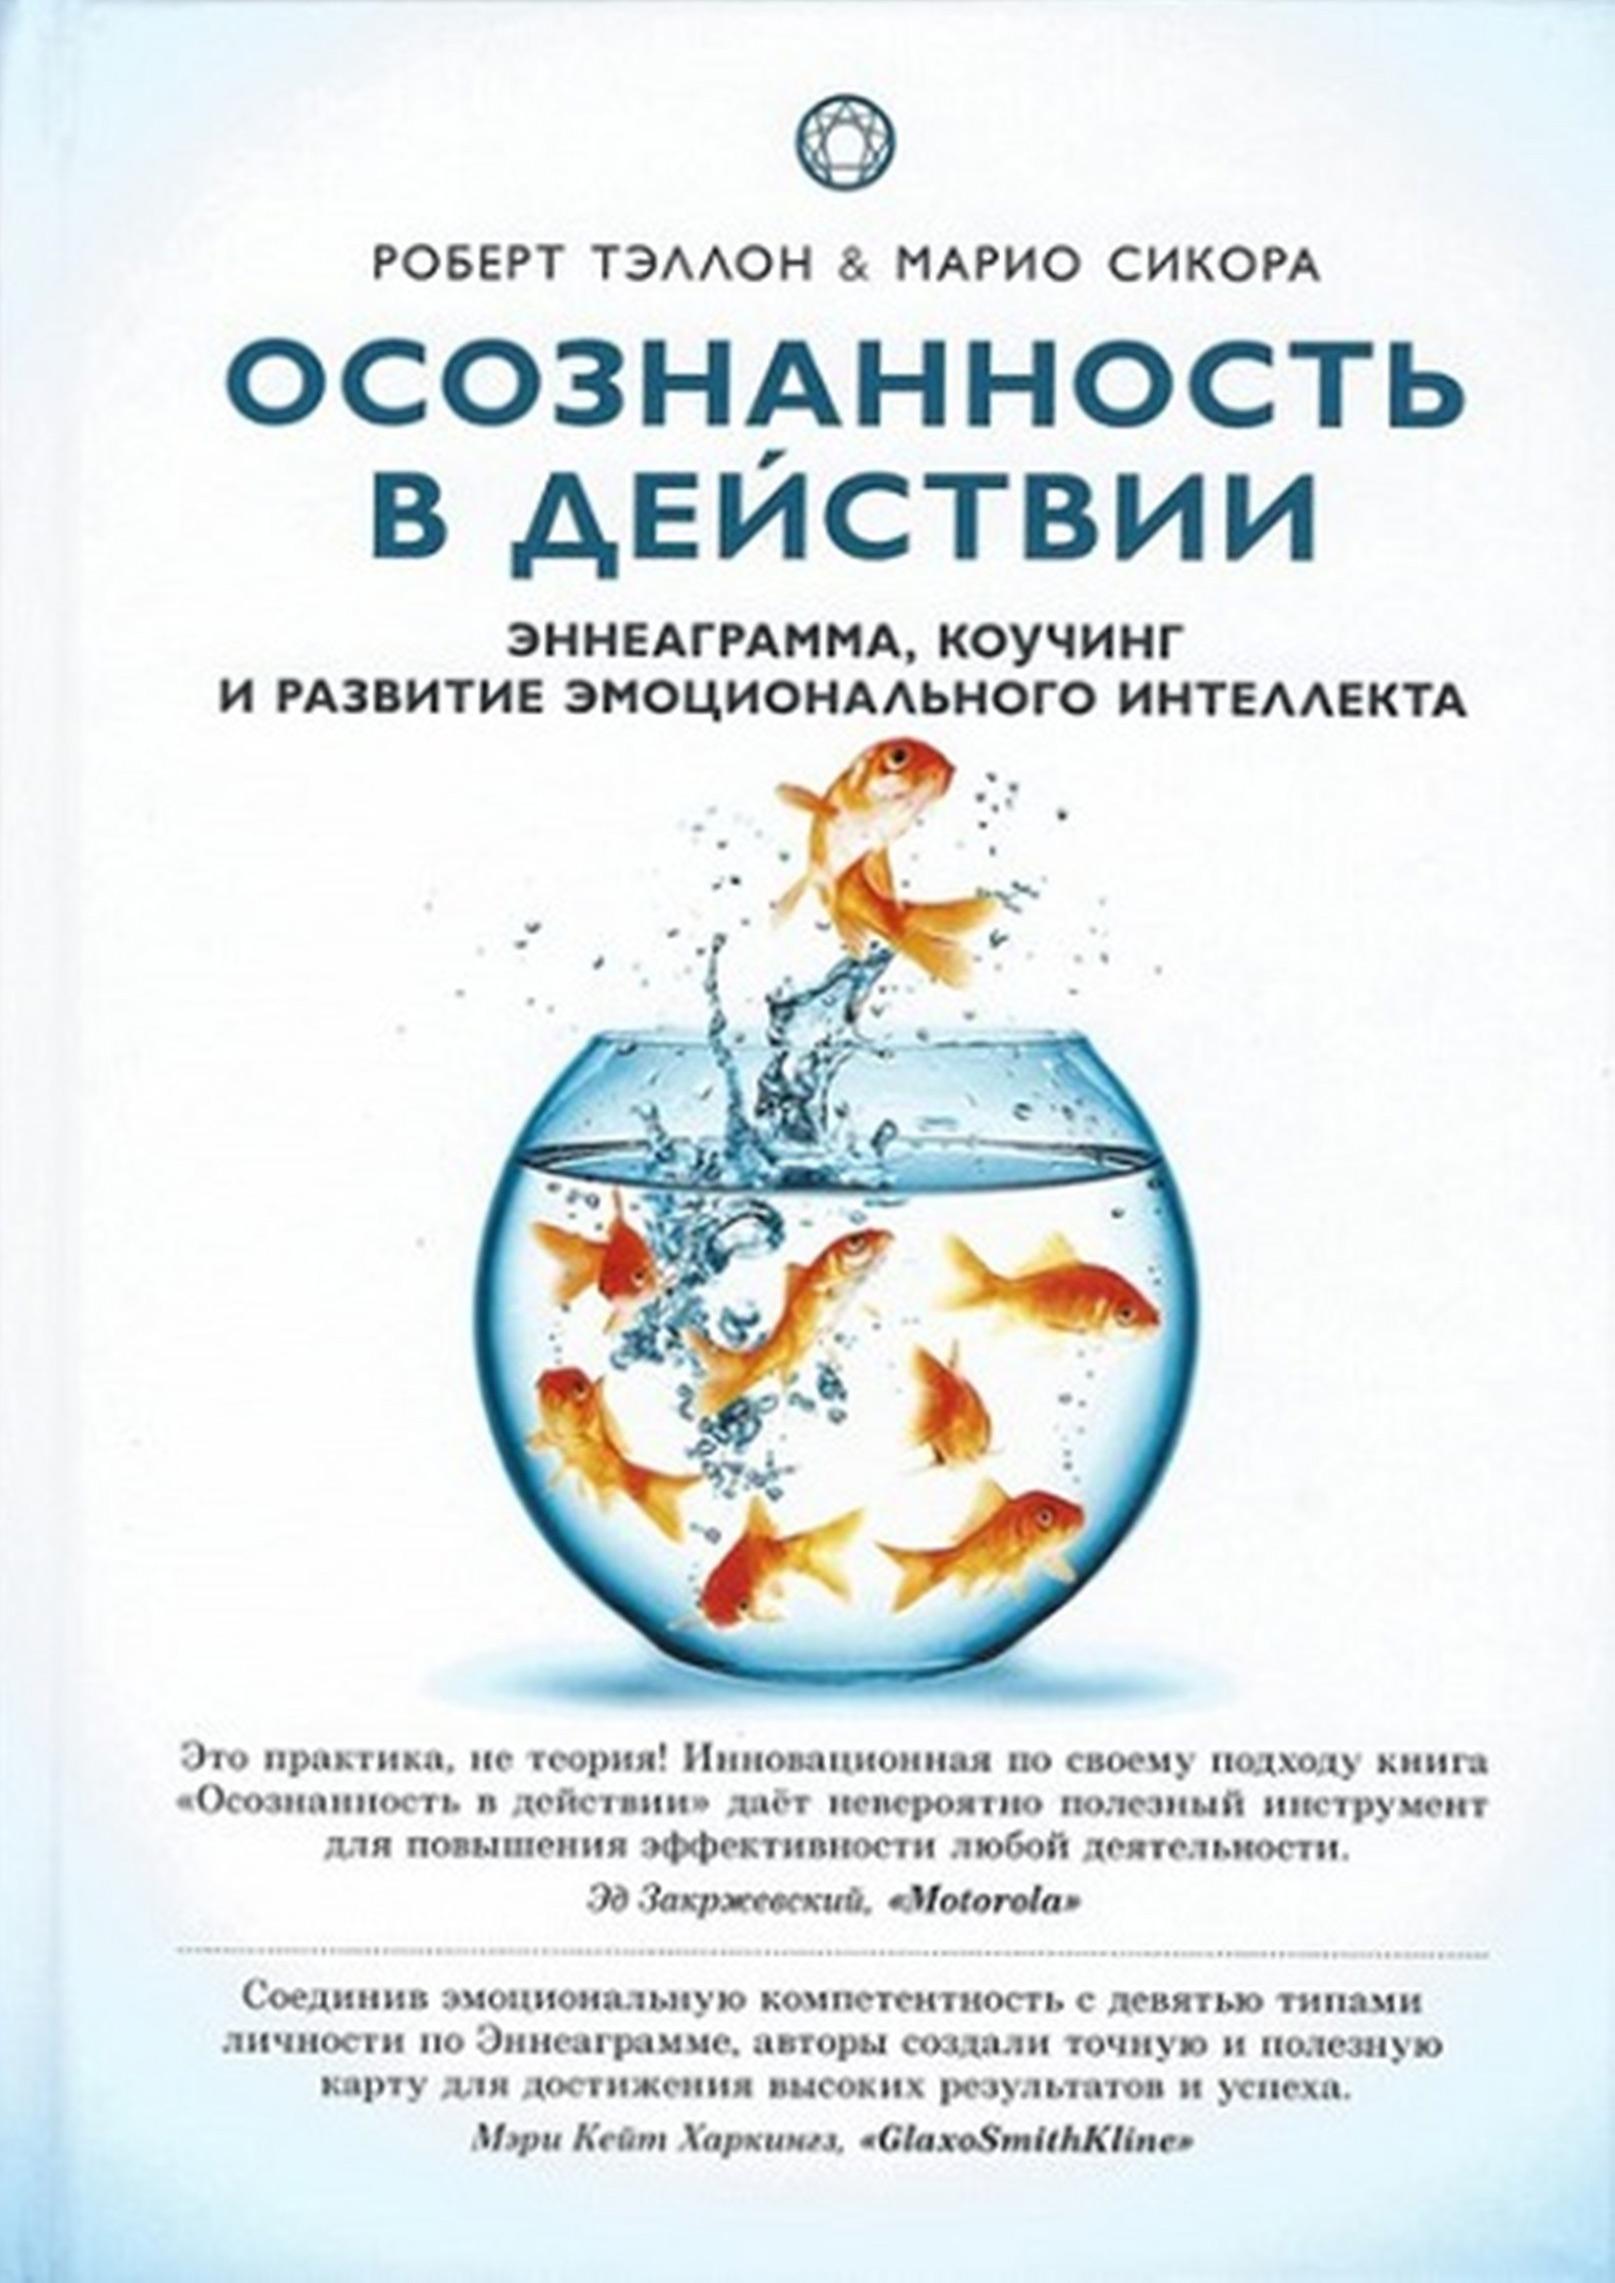 Марио Сикора, Роберт Тэллон «Осознанность в действии. Эннеаграмма, коучинг и развитие эмоционального интеллекта»